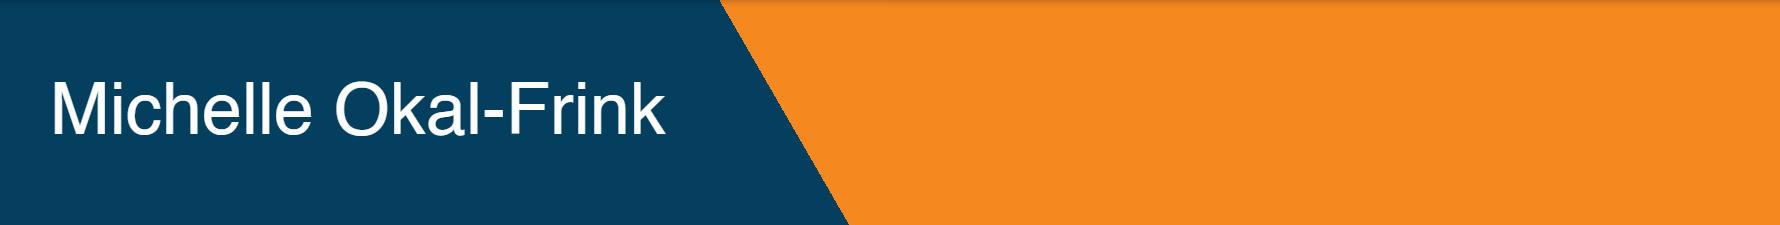 Michelle Okal-Frink banner